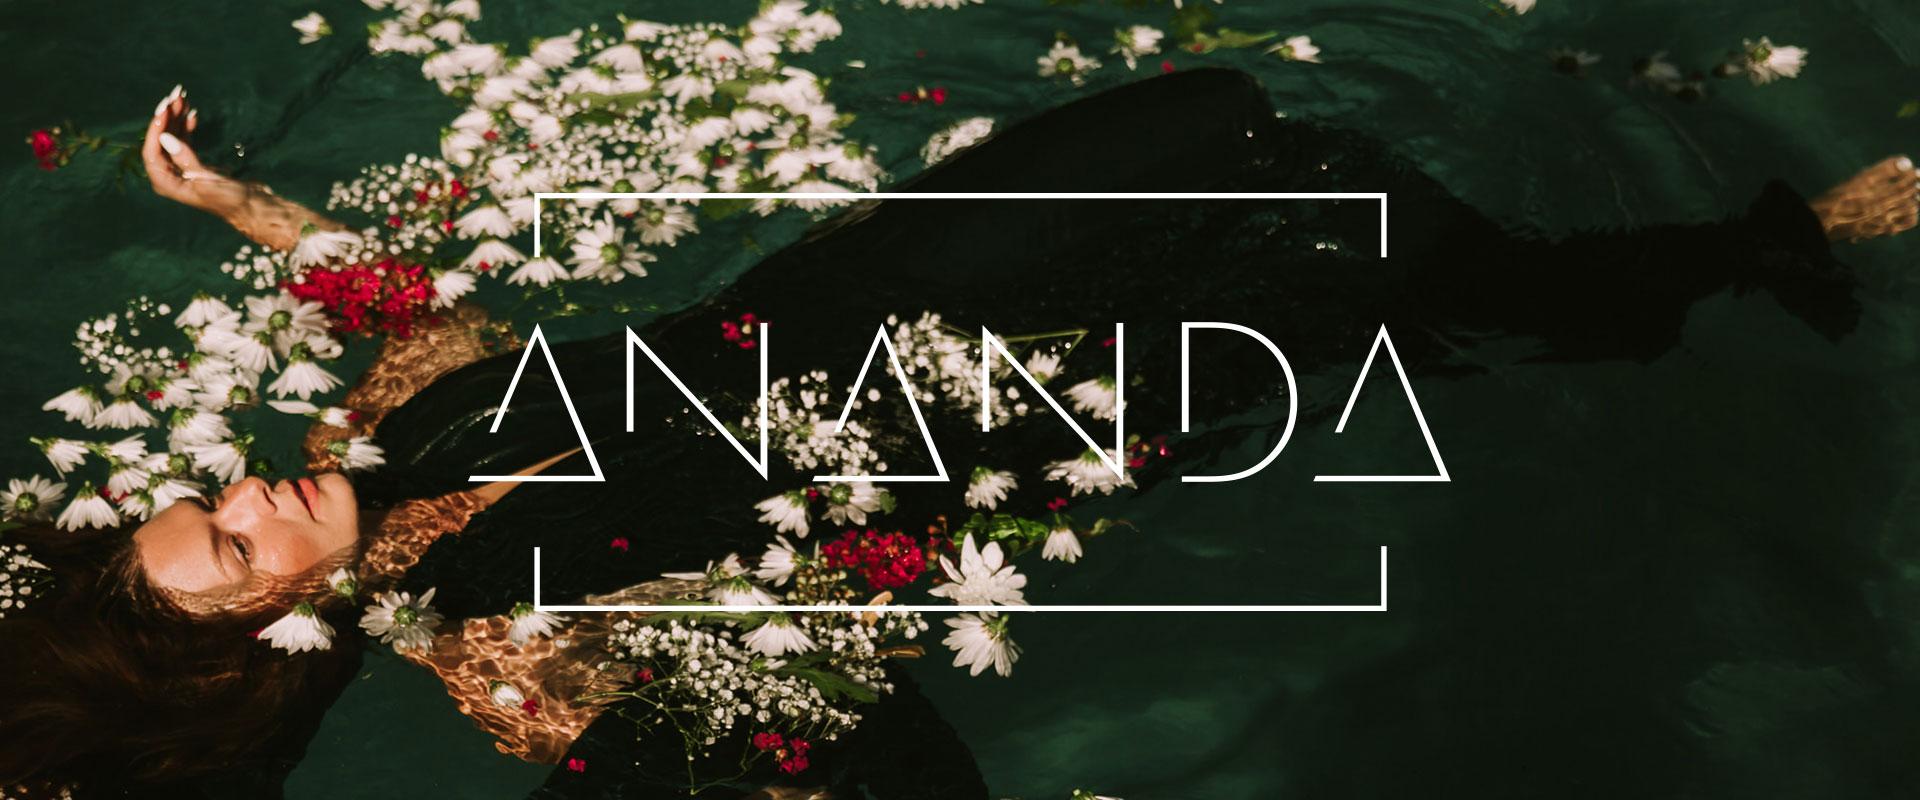 ananda-identity-logo-design